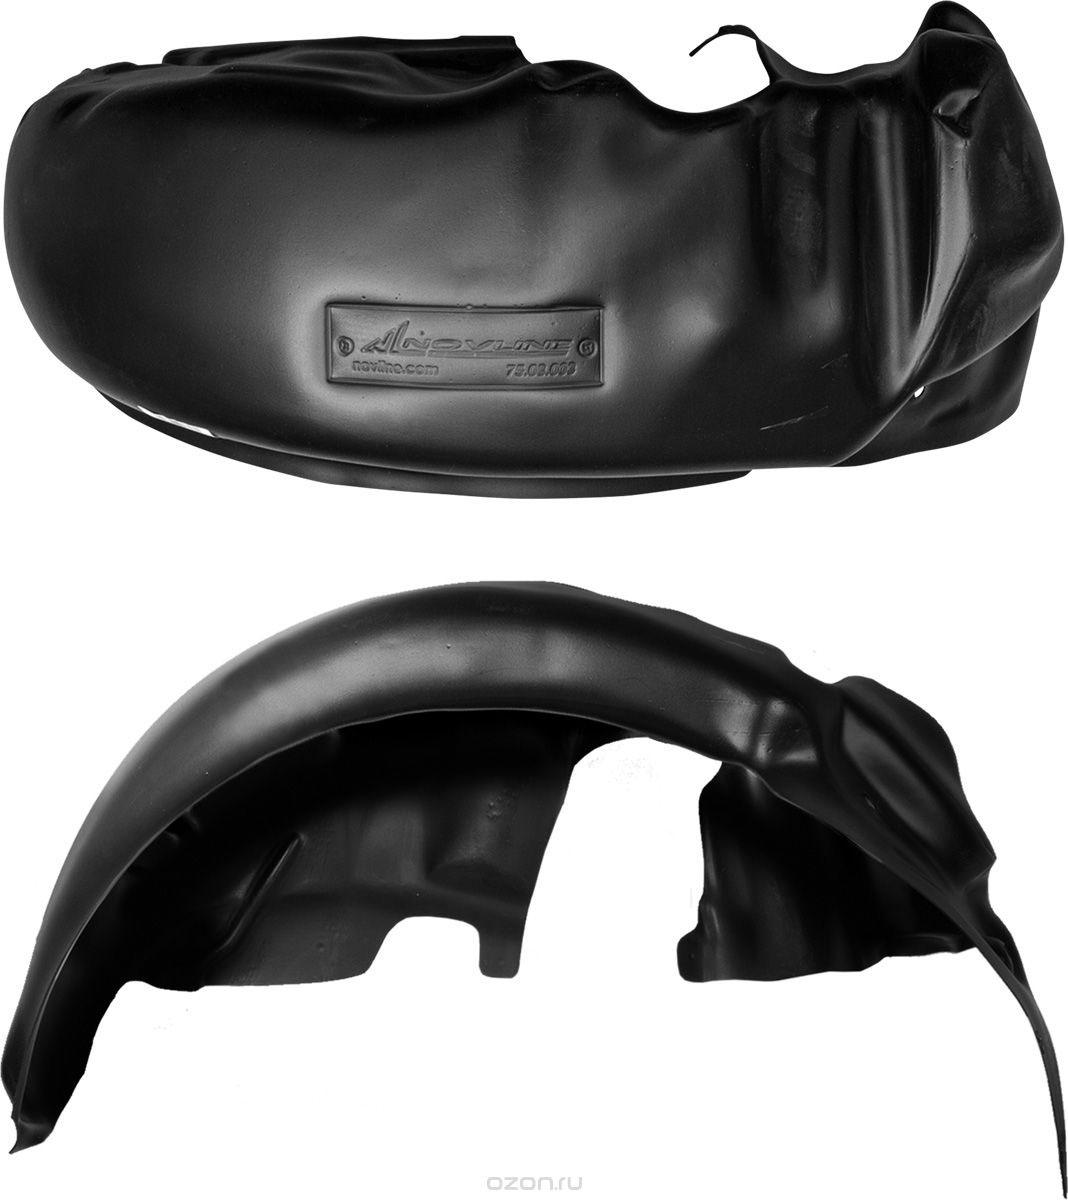 Подкрылок Novline-Autofamily, для MITSUBISHI Lancer X 03/2007->, хб., задний левыйNLL.35.19.003Идеальная защита колесной ниши. Локеры разработаны с применением цифровых технологий, гарантируют максимальную повторяемость поверхности арки. Изделия устанавливаются без нарушения лакокрасочного покрытия автомобиля, каждый подкрылок комплектуется крепежом. Уважаемые клиенты, обращаем ваше внимание, что фотографии на подкрылки универсальные и не отражают реальную форму изделия. При этом само изделие идет точно под размер указанного автомобиля.